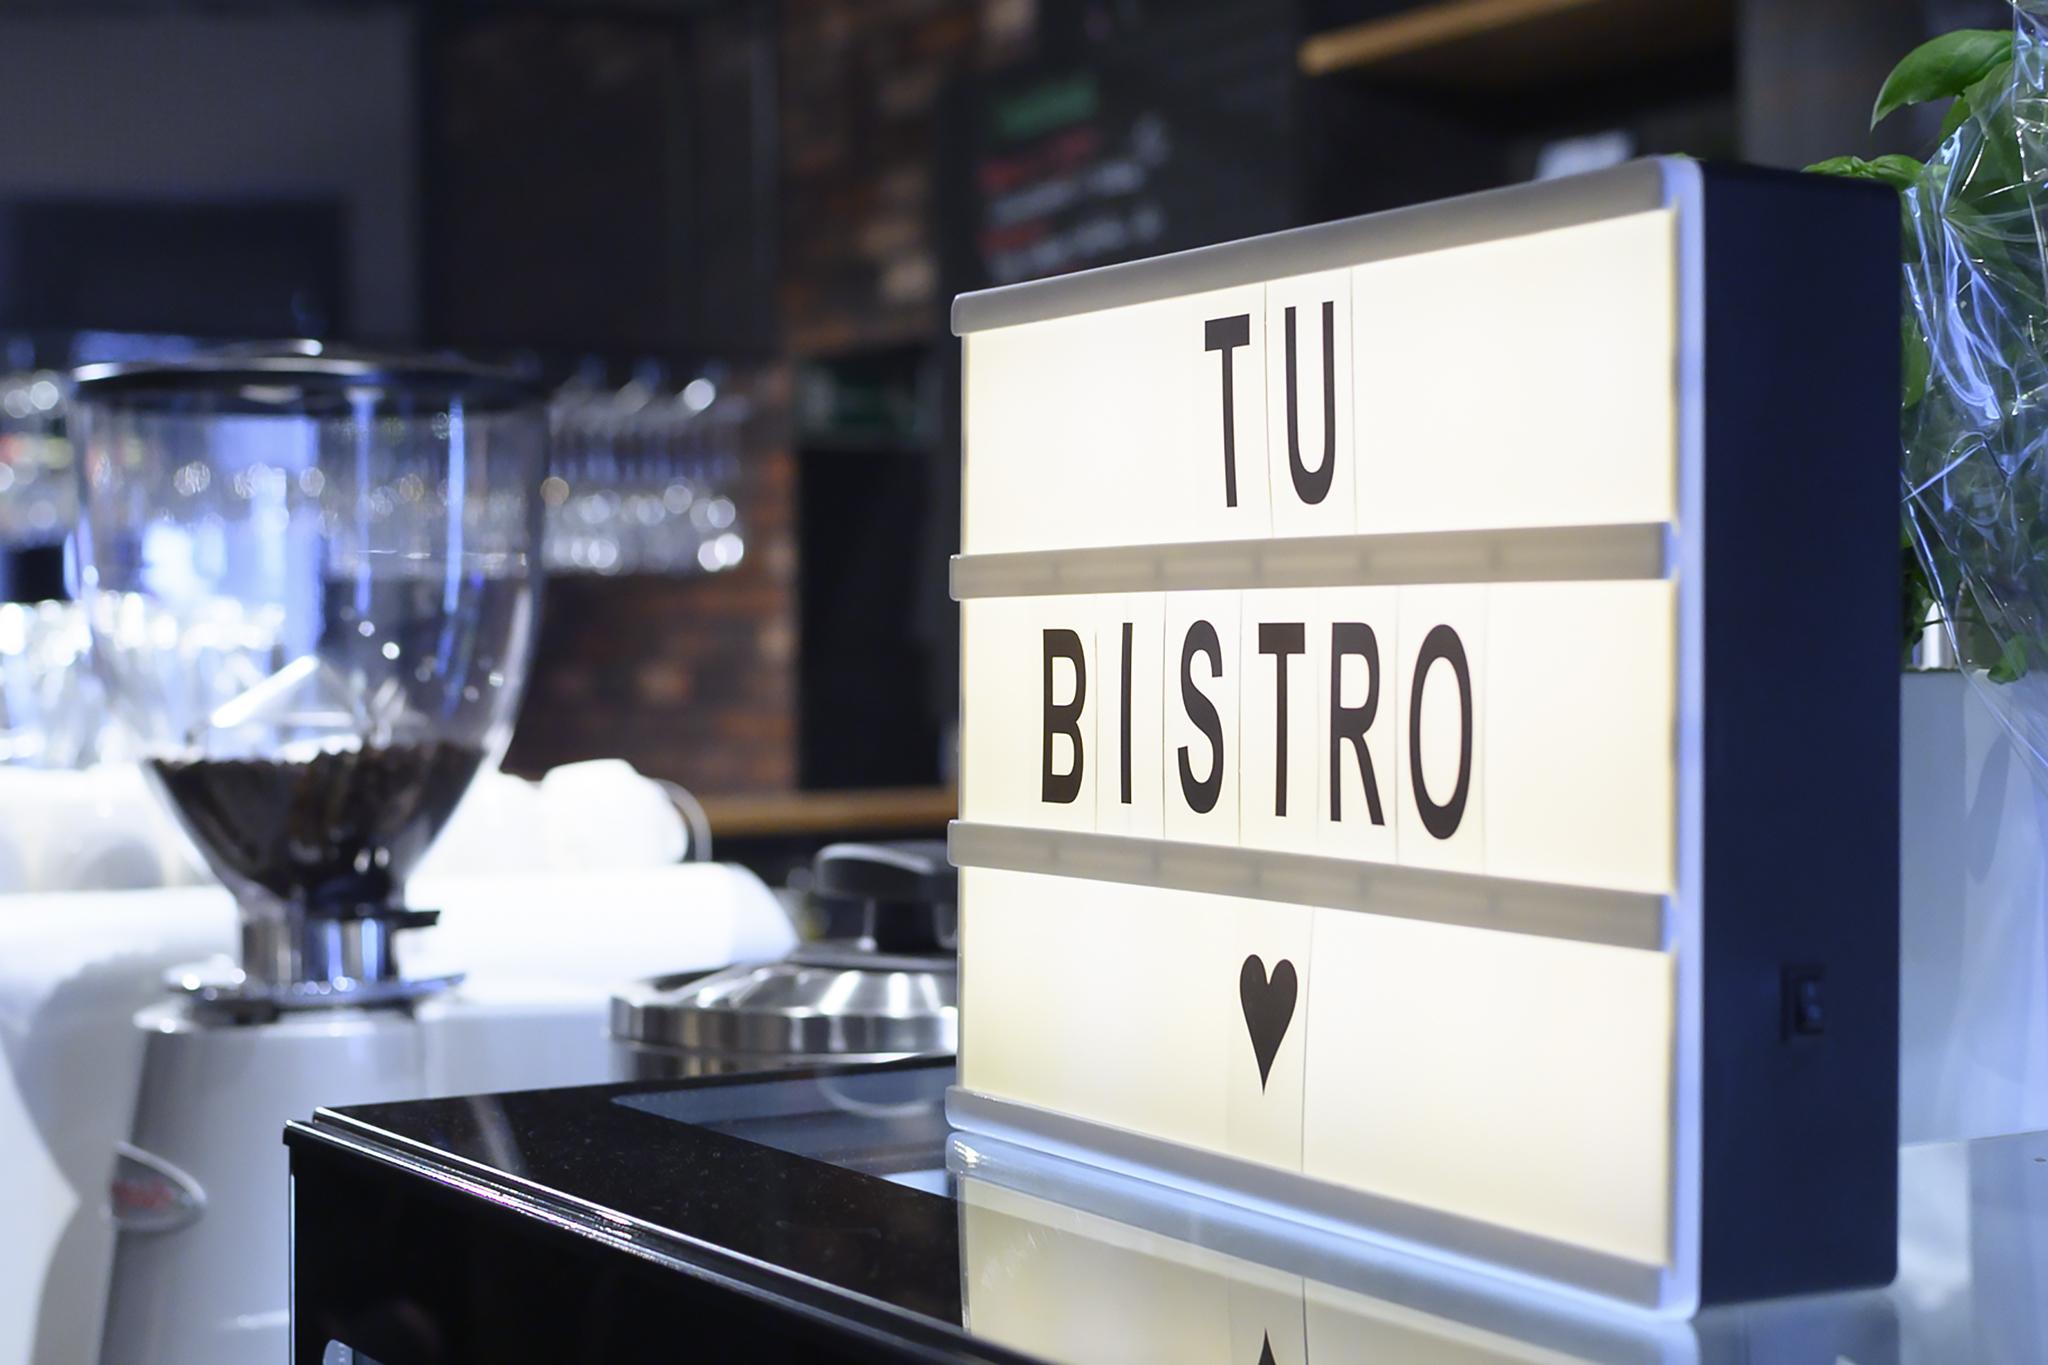 fot. TuBistro